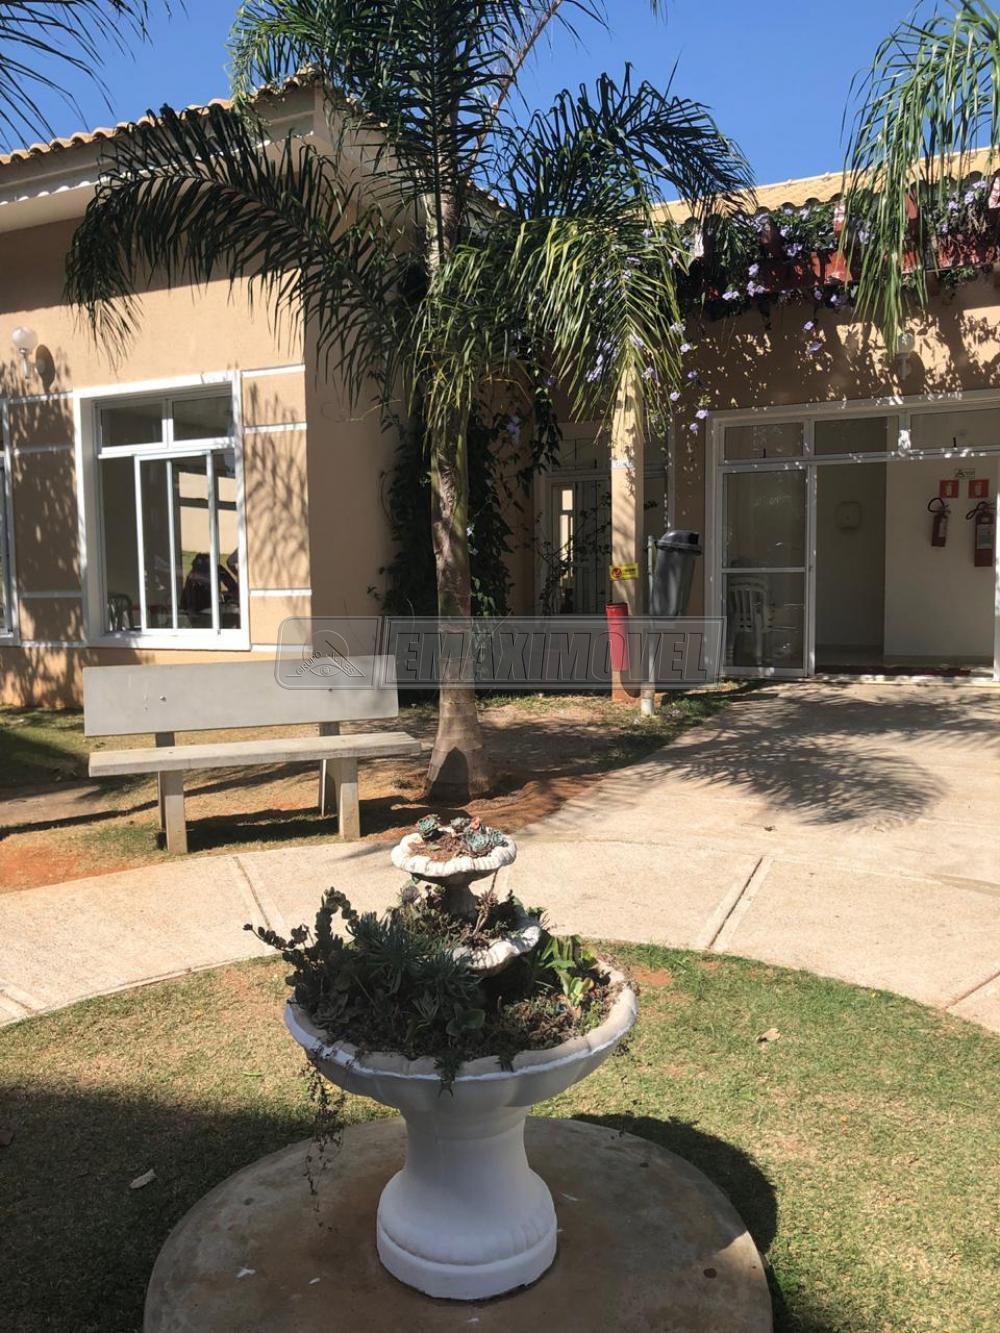 Comprar Apartamentos / Apto Padrão em Sorocaba apenas R$ 200.000,00 - Foto 15